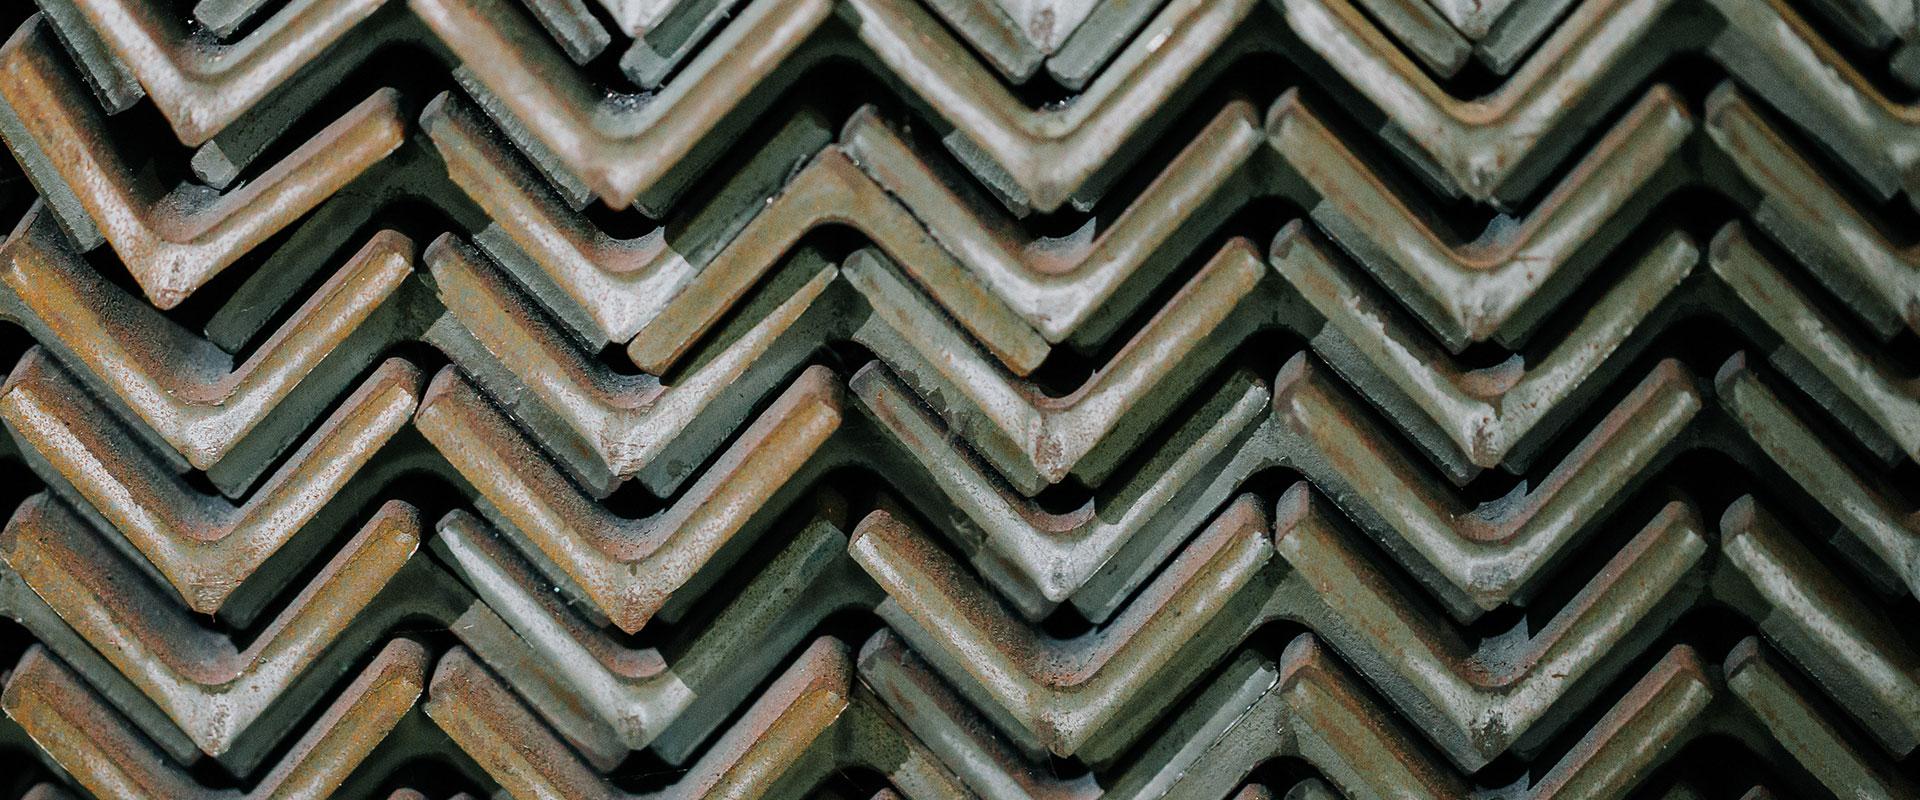 laminati mercantili - tecnoacciai vendita acciaio inox, siderurgica, acciai per industria meccanica, impiantistica